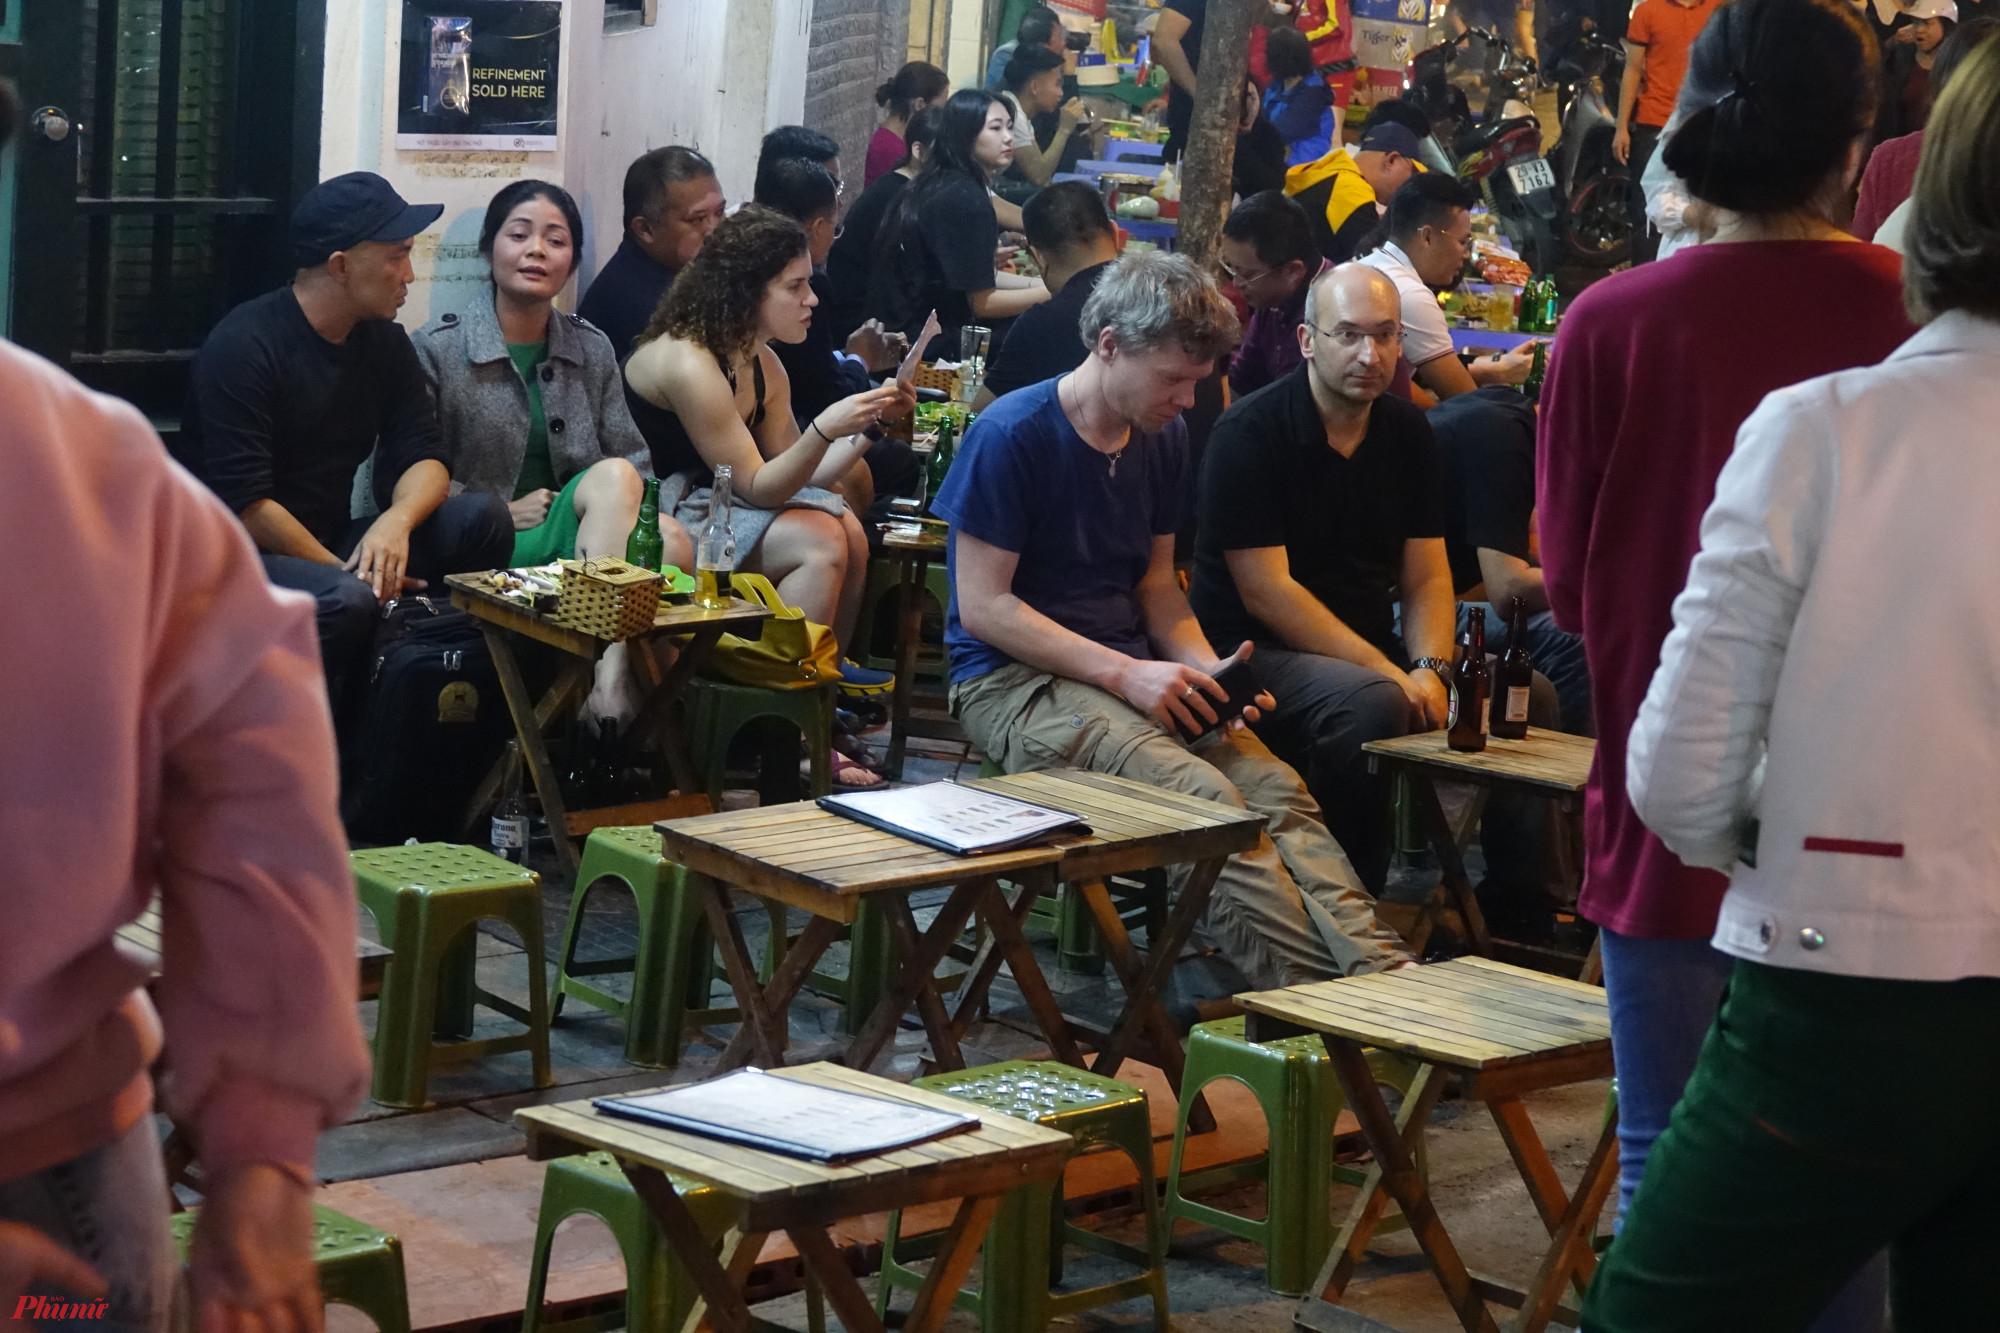 Thậm chí ngay tại ngã tư Tạ Hiện - Lương Ngọc Quyến, nơi đông đúc nhất vẫn còn nhiều bàn trống vào giờ cao điểm.